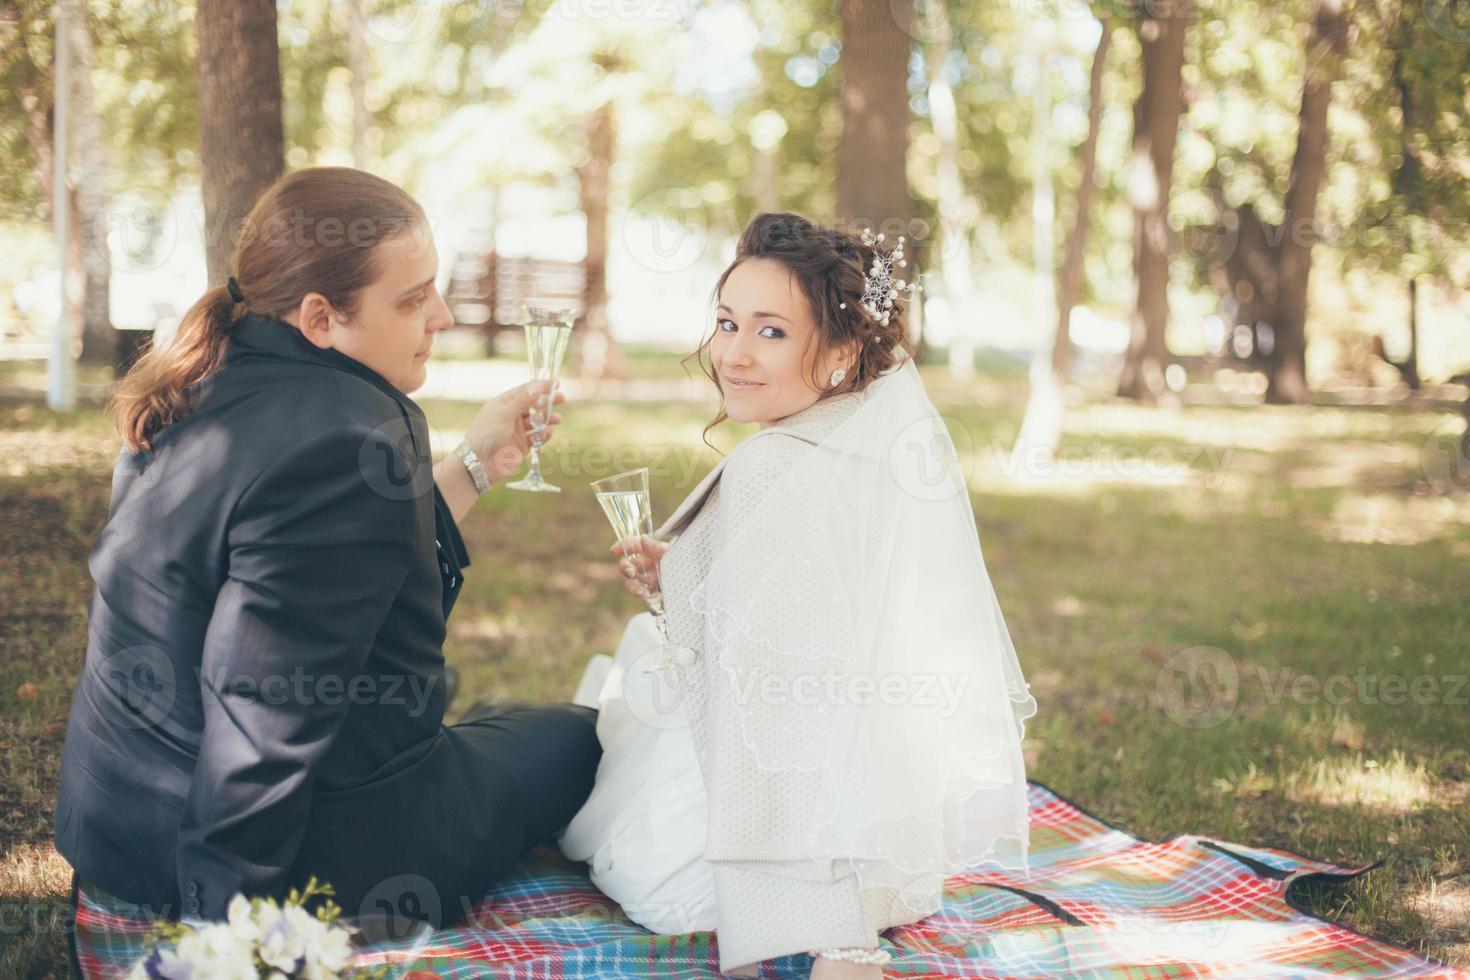 nouveau marié photo